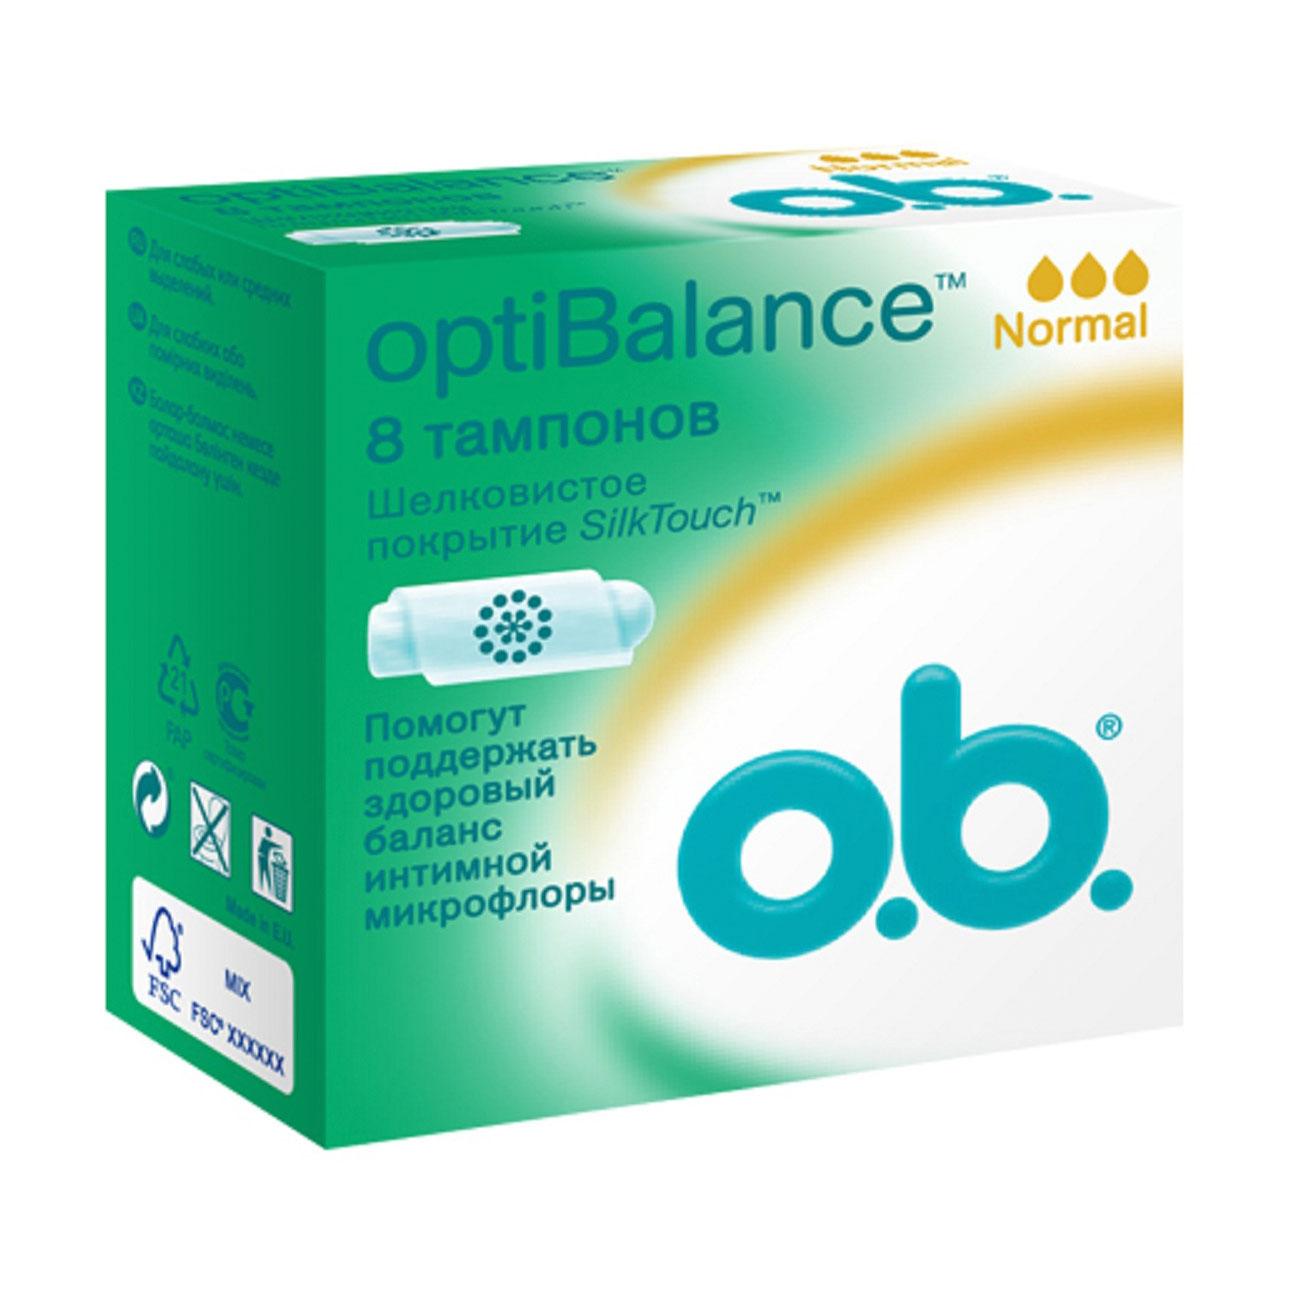 ������� o.b. optiBalance ������ 8 ��